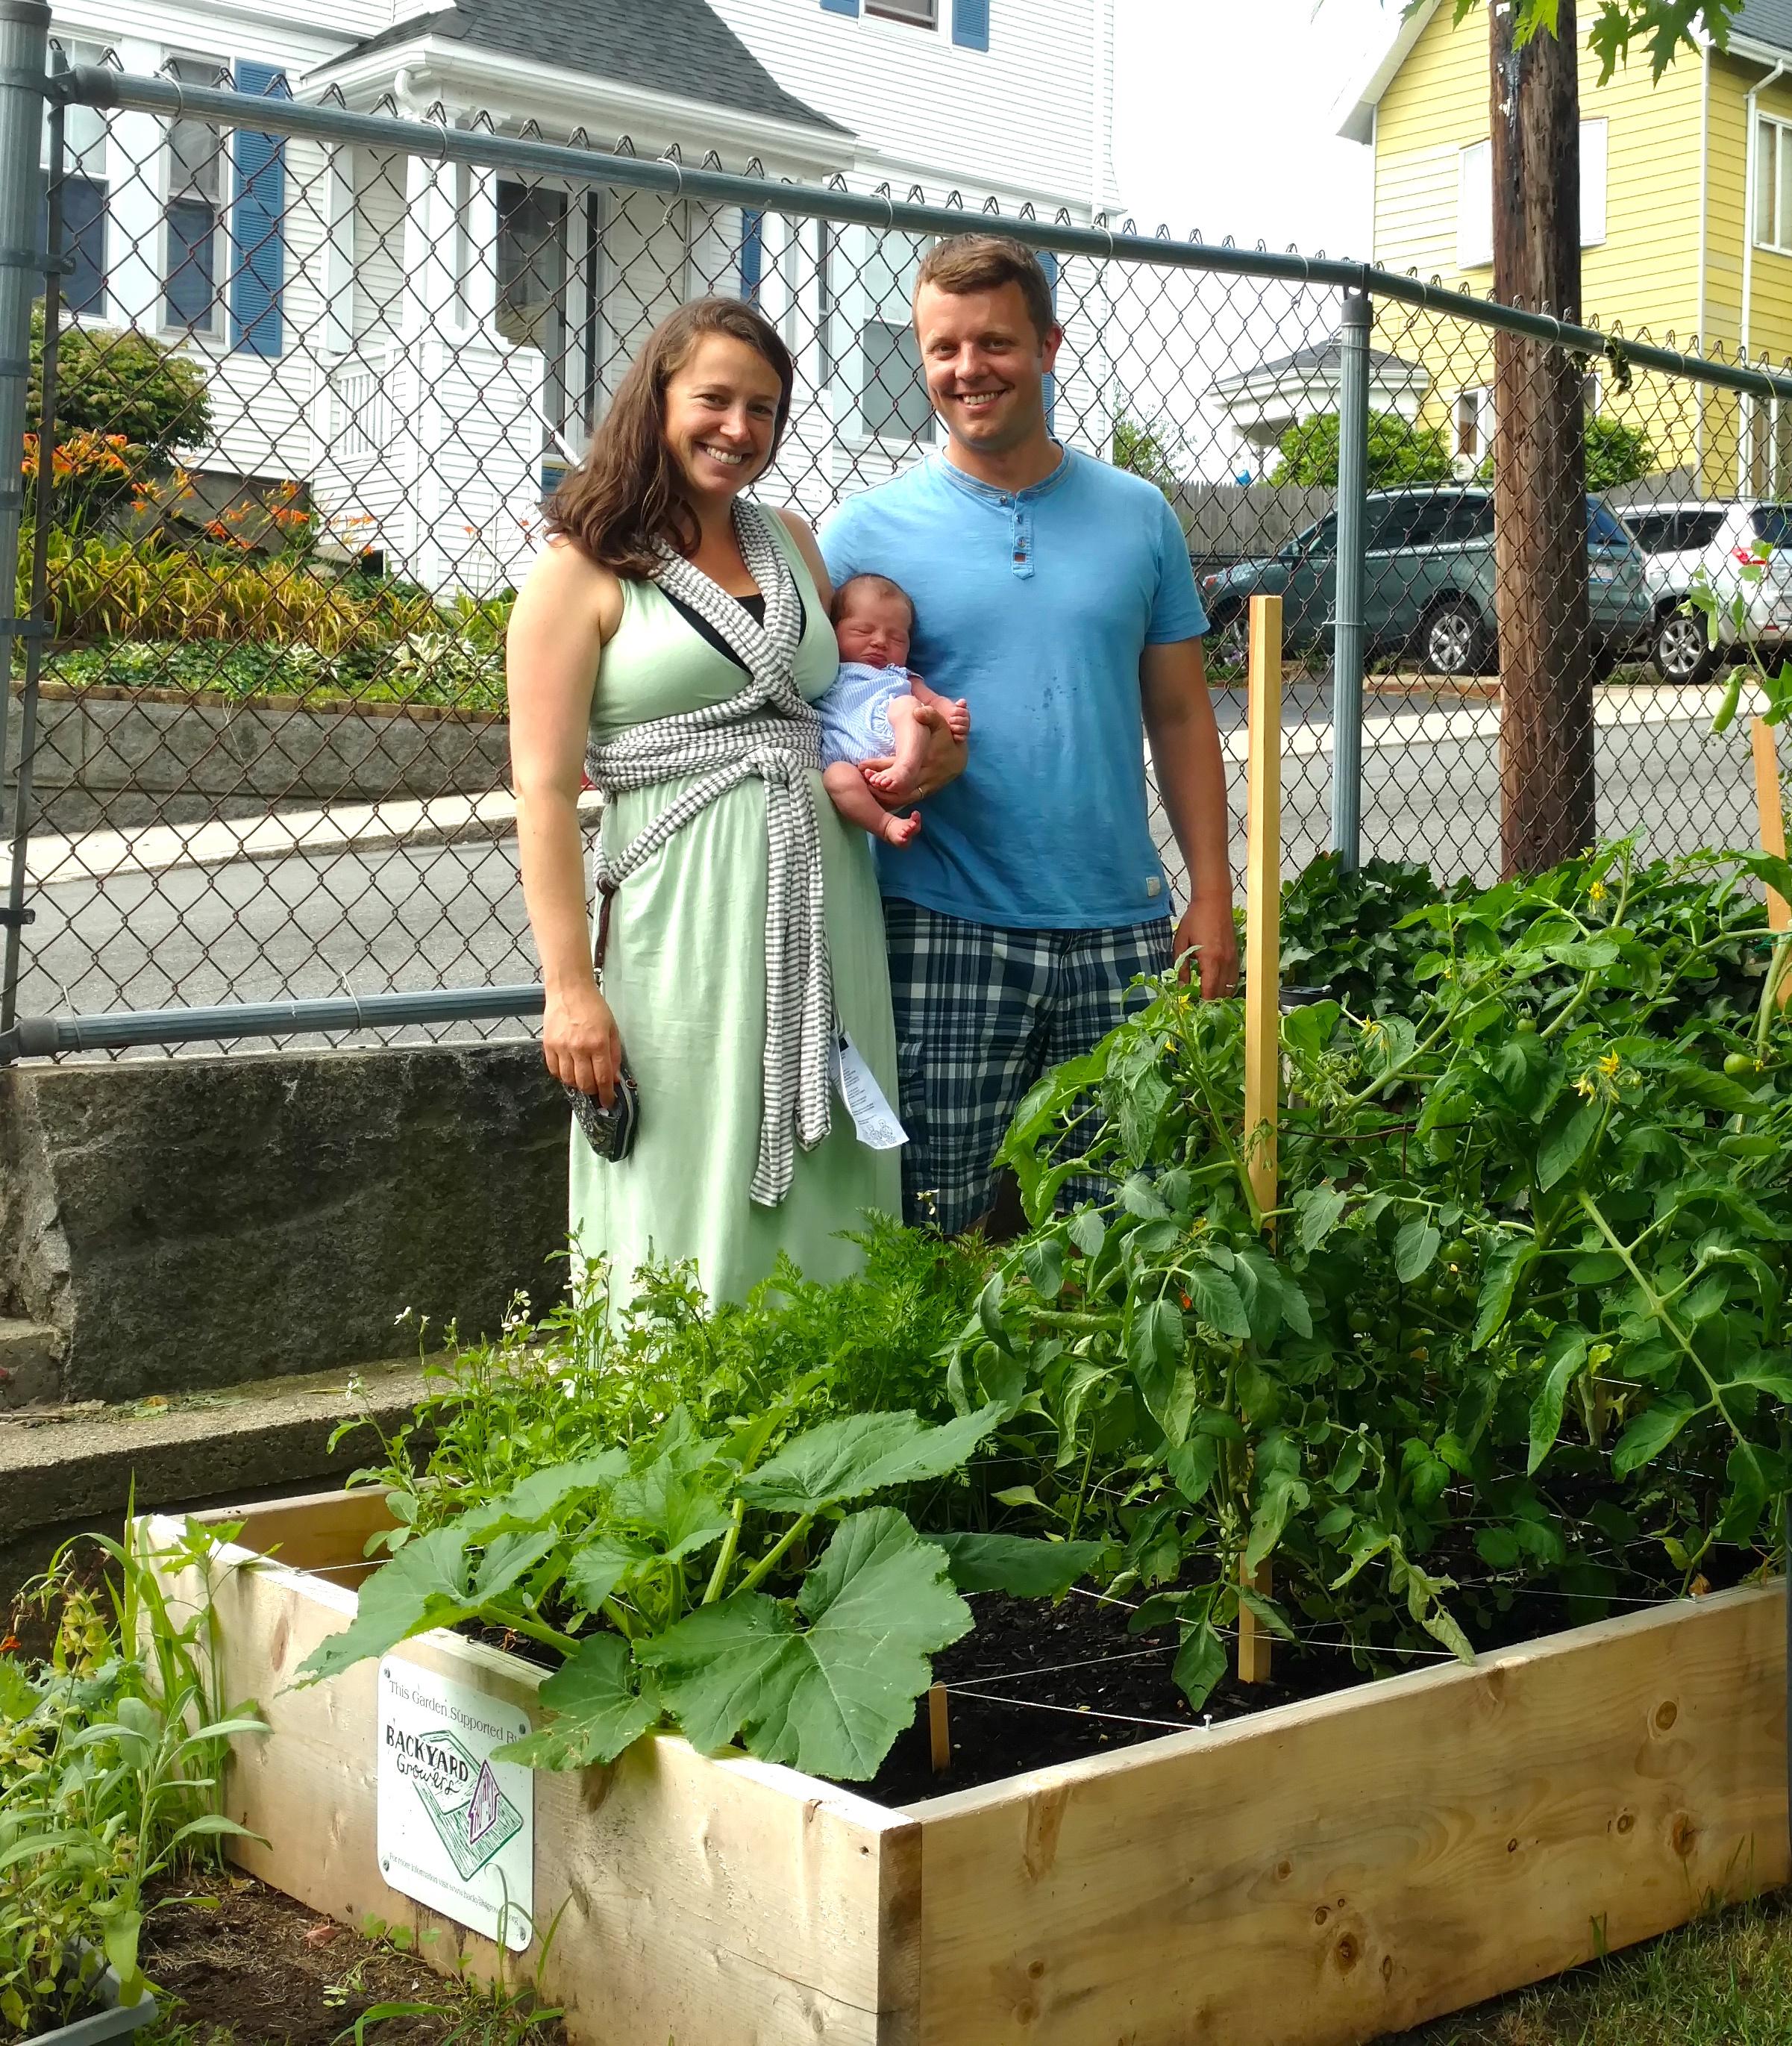 A growing family and their backyard garden